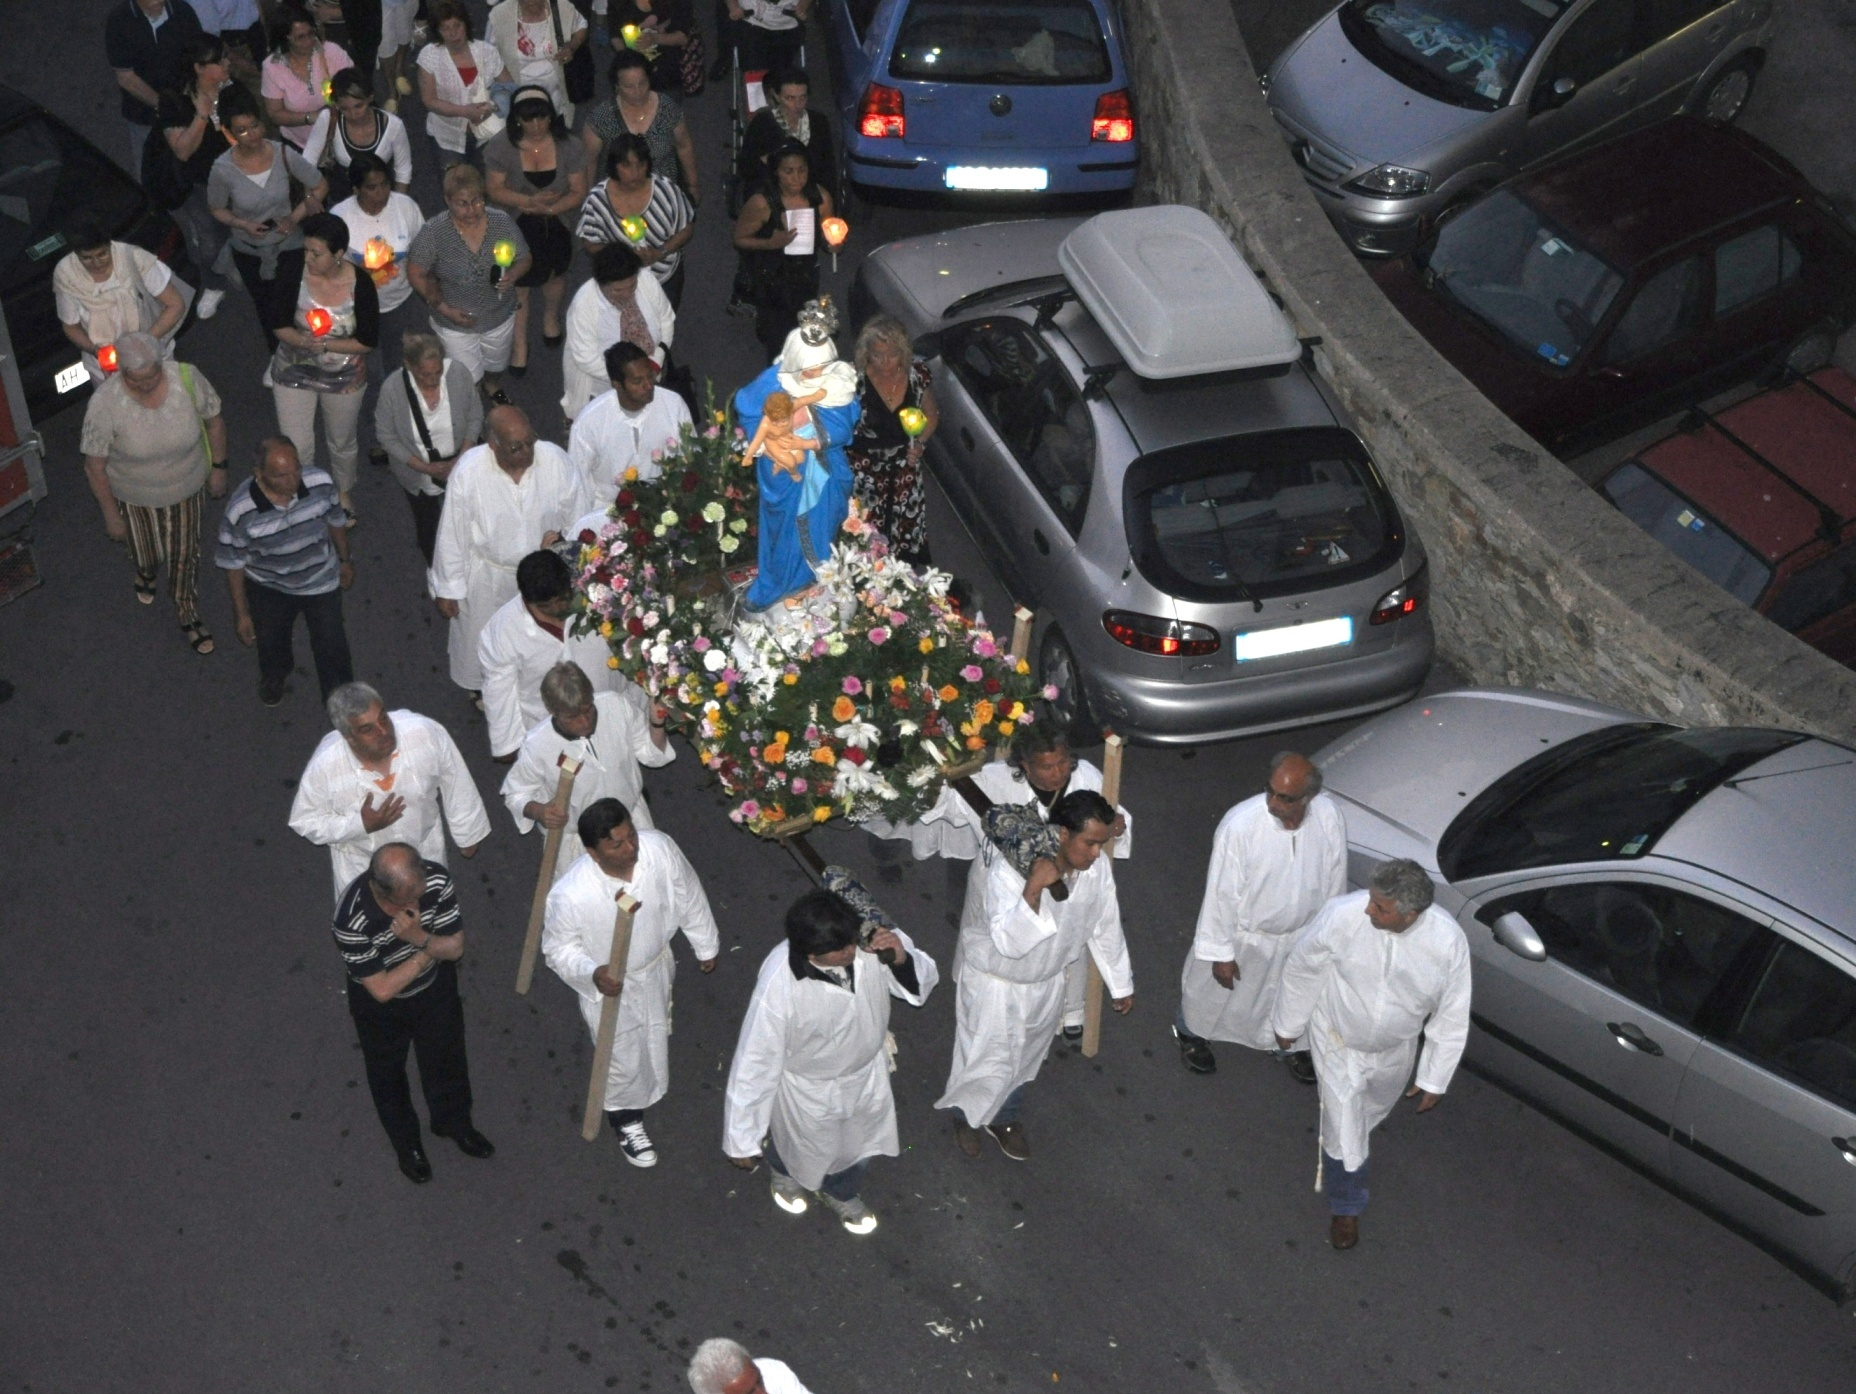 processione_madonna-2011-05-29-21-10-19